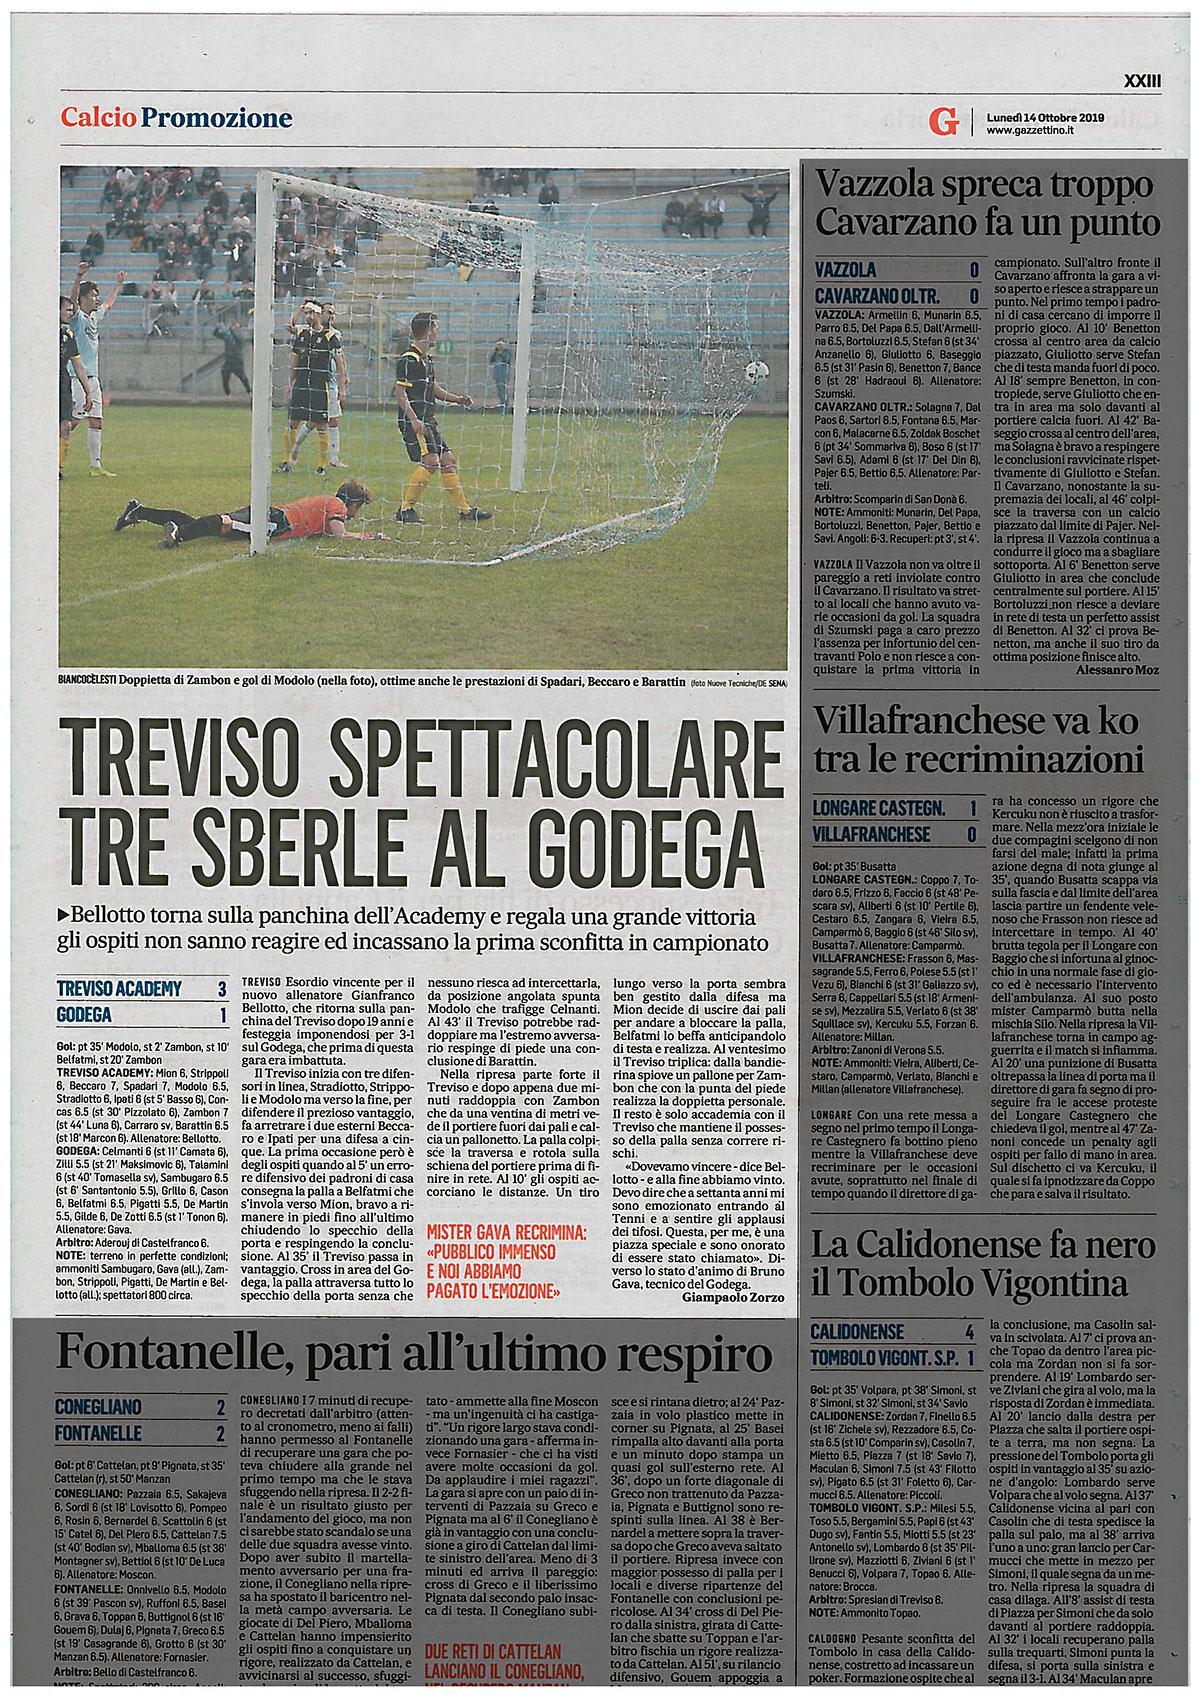 articolo_calcio treviso_ilgazzettino